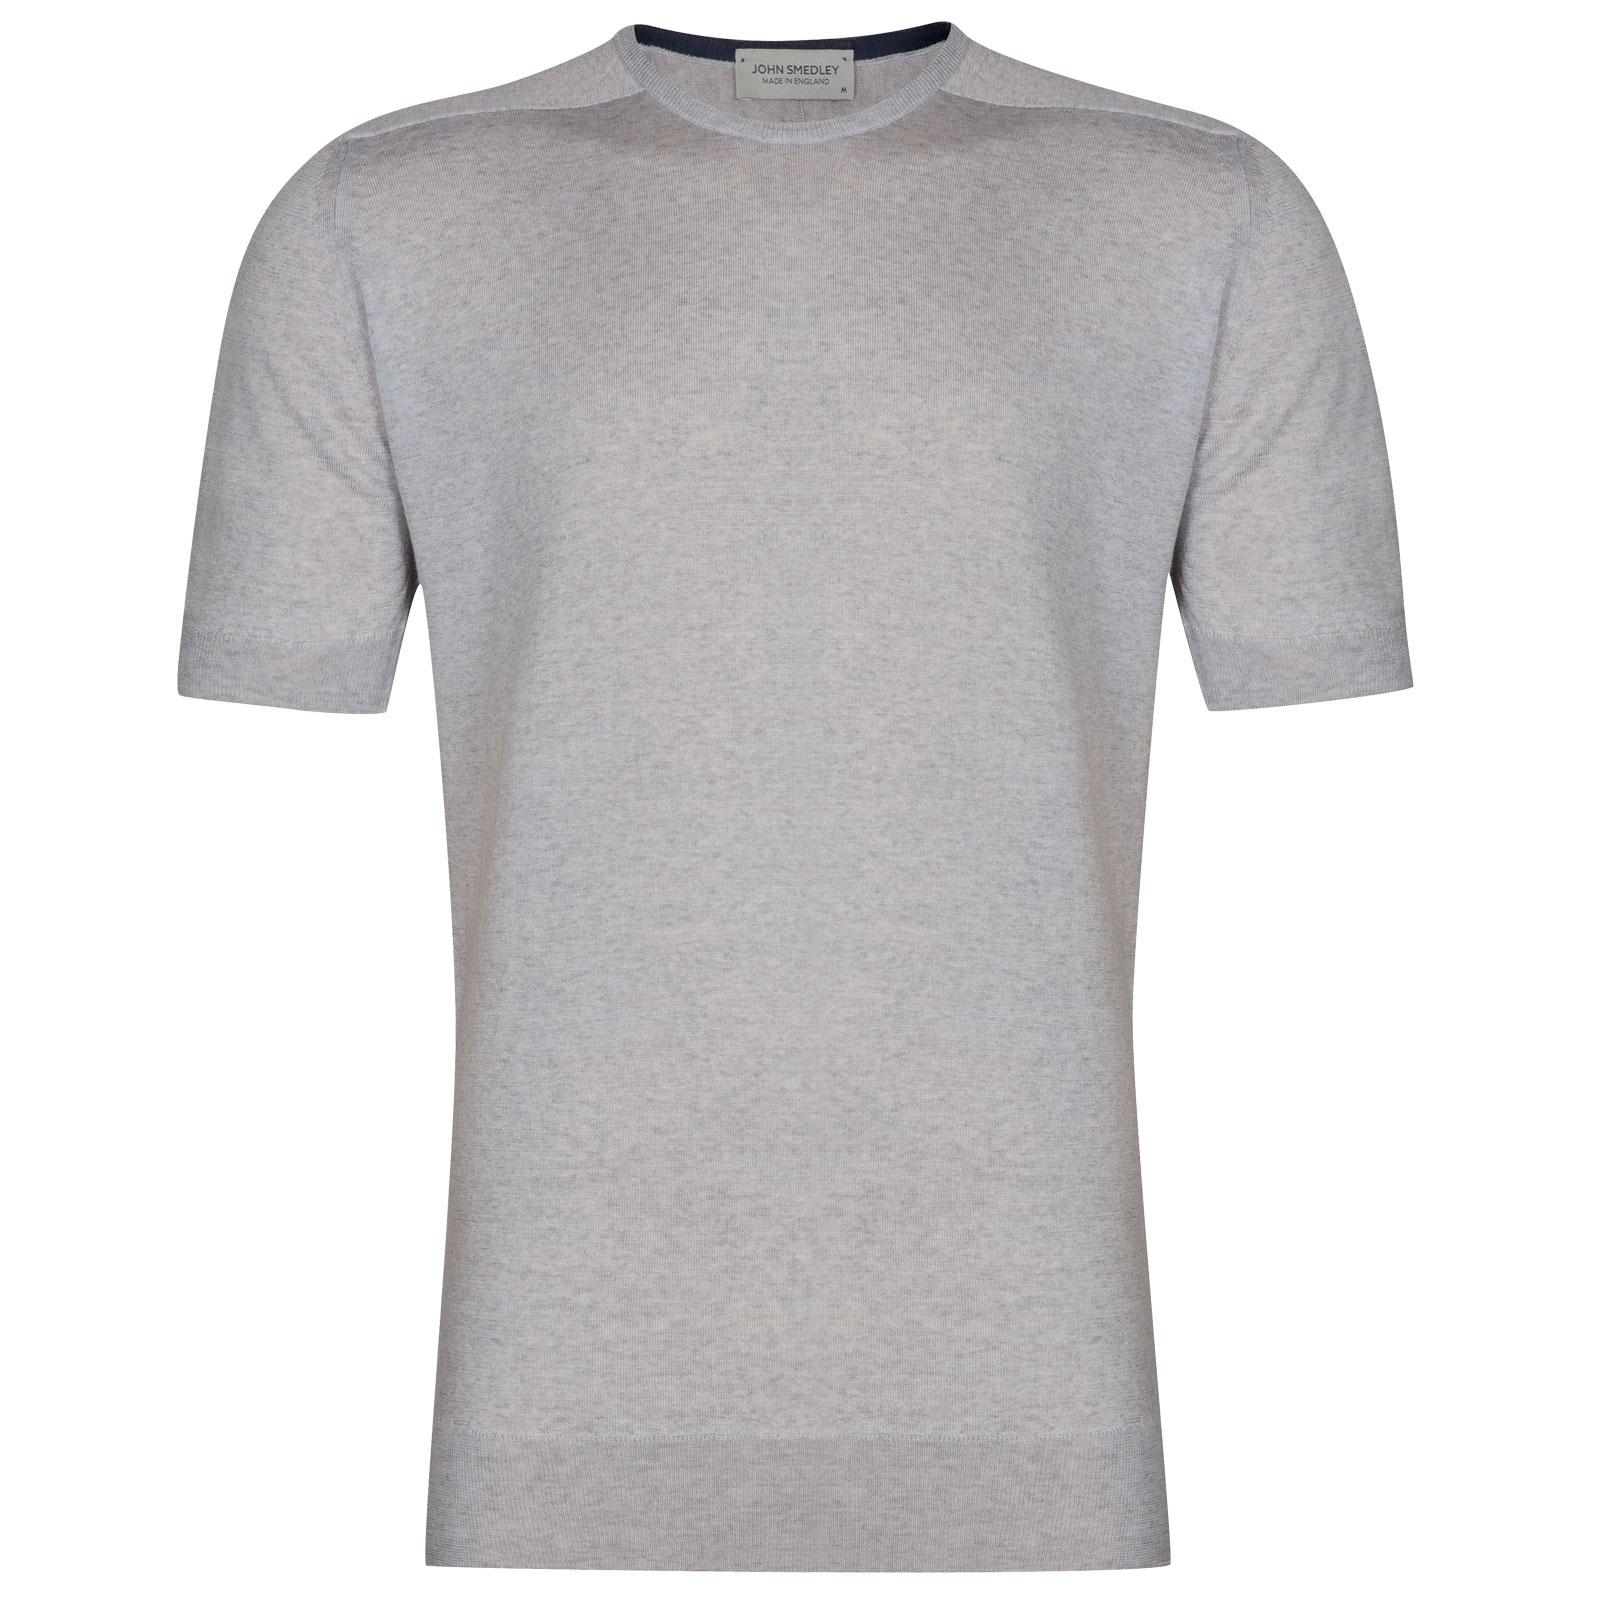 John Smedley Maro in Bardot Grey T-Shirt-MED